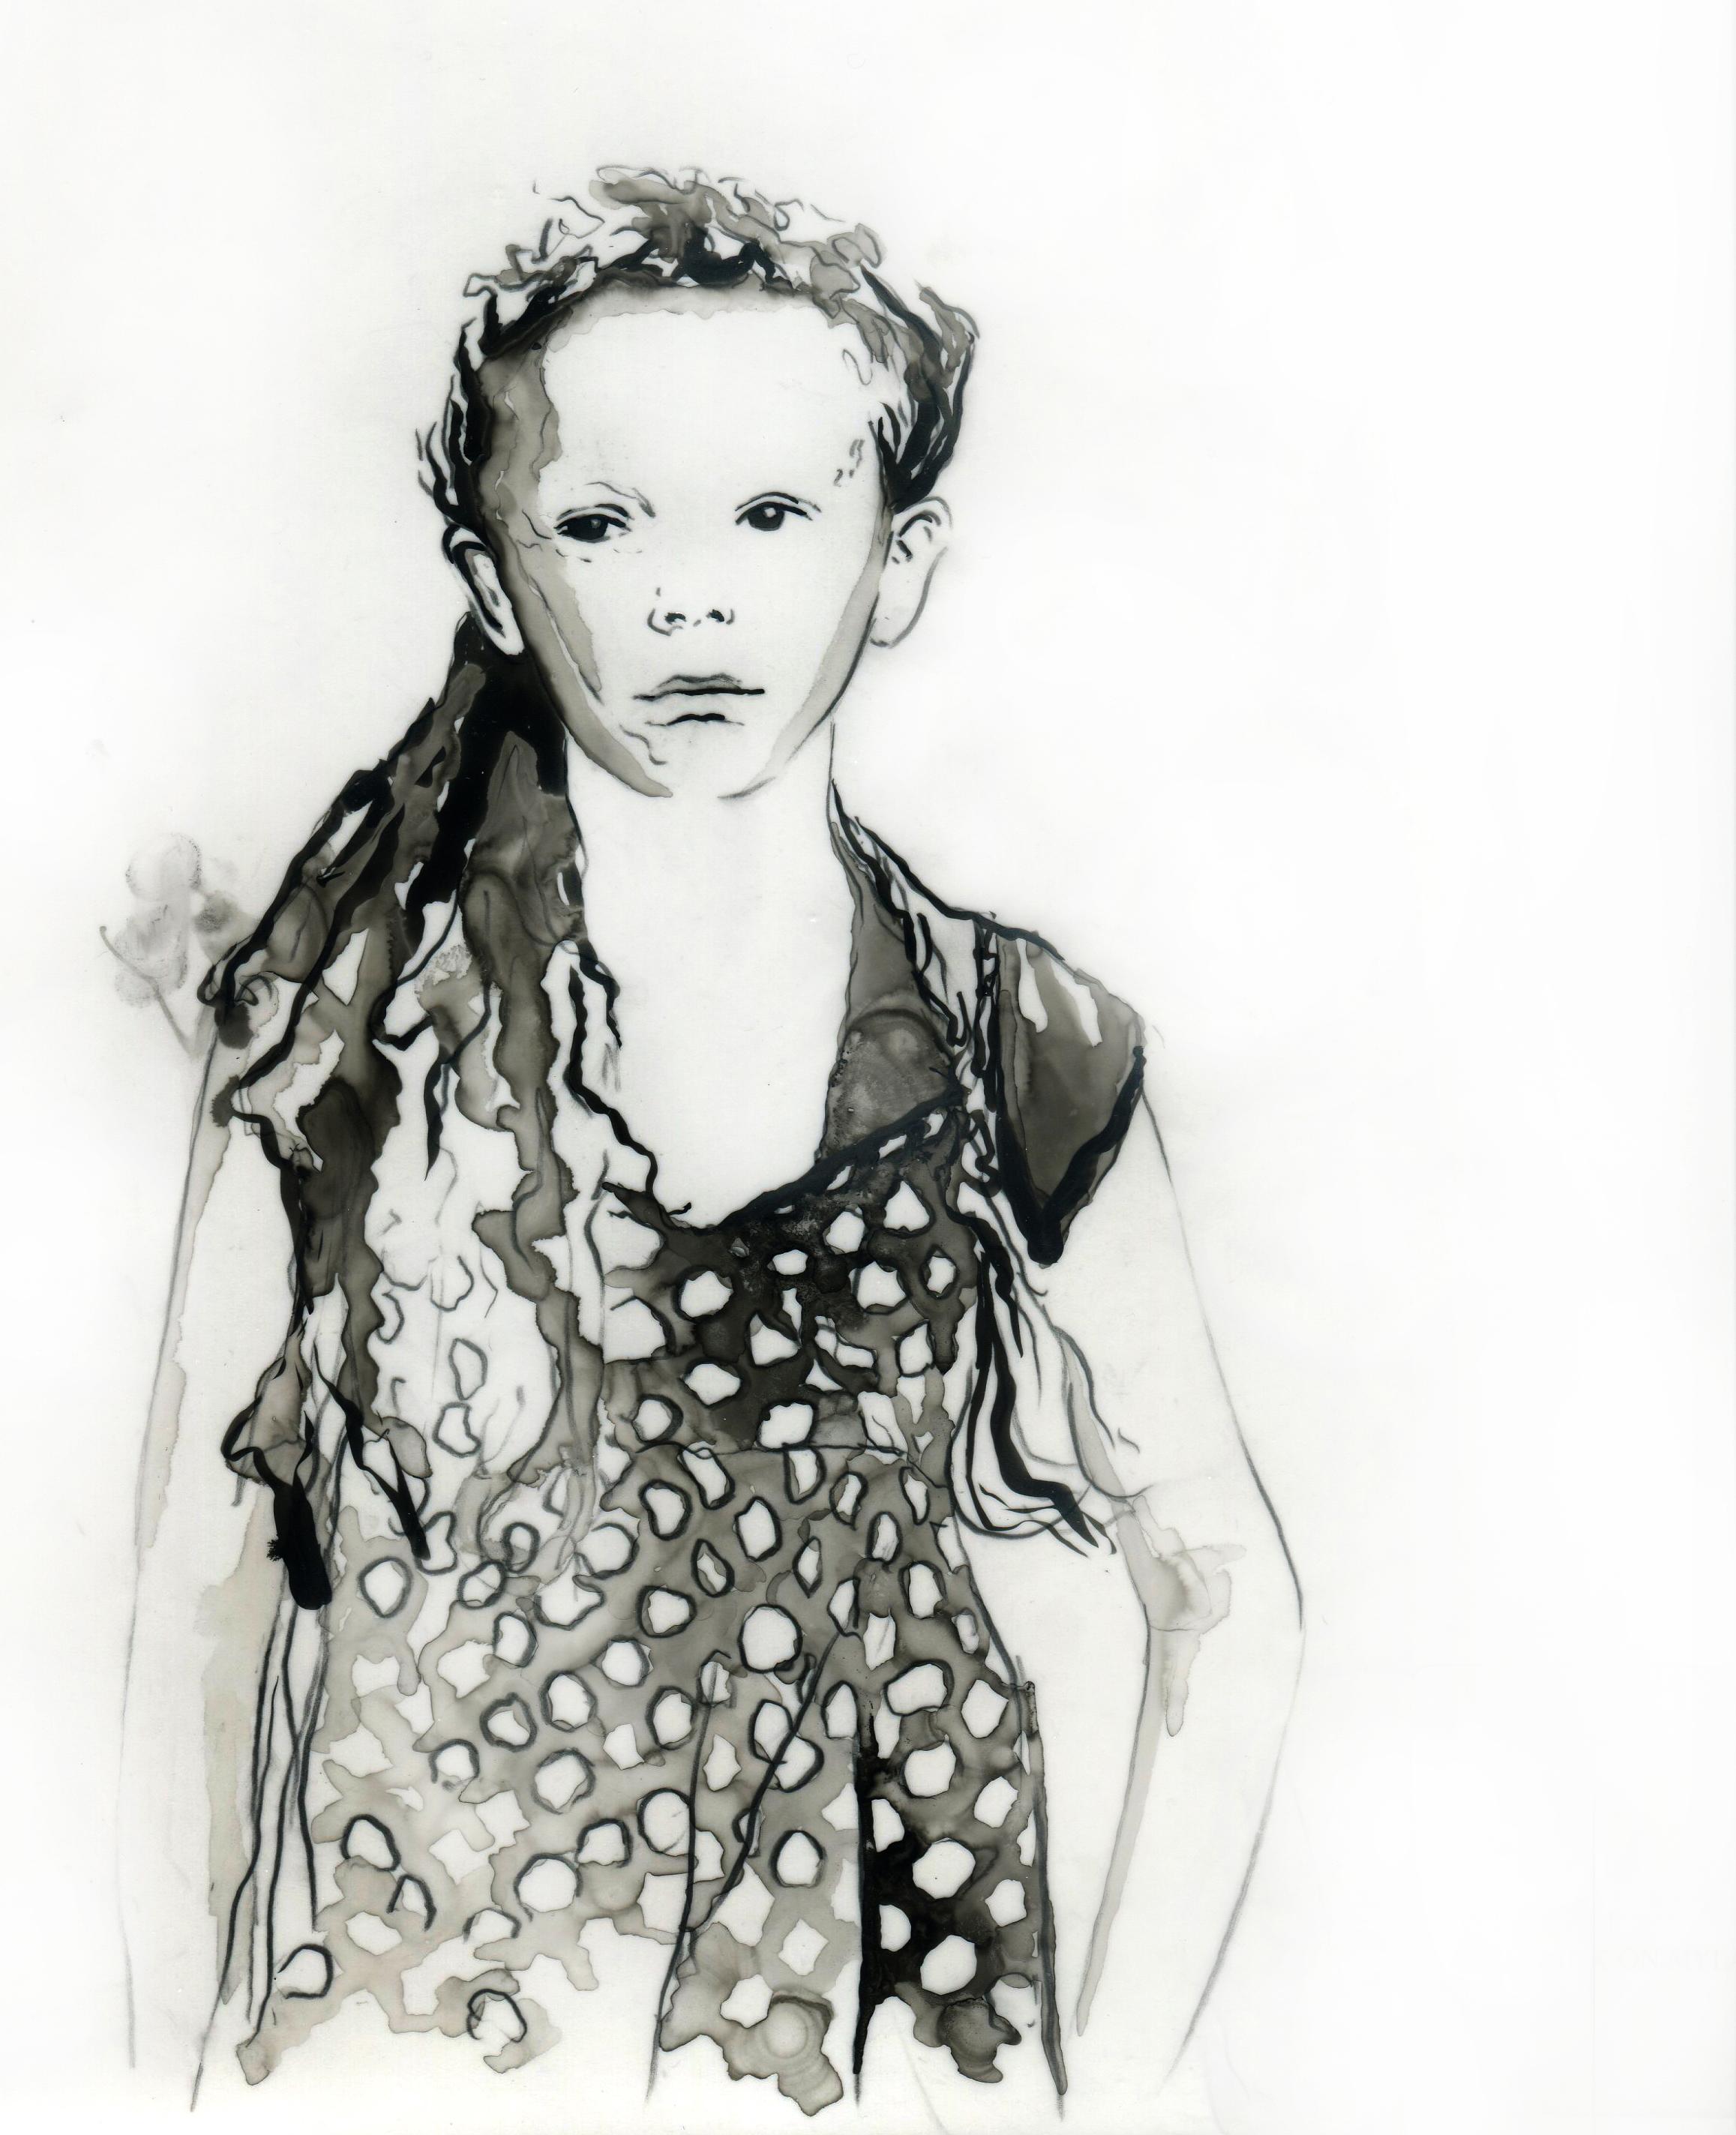 INK DRAWING 1.jpg